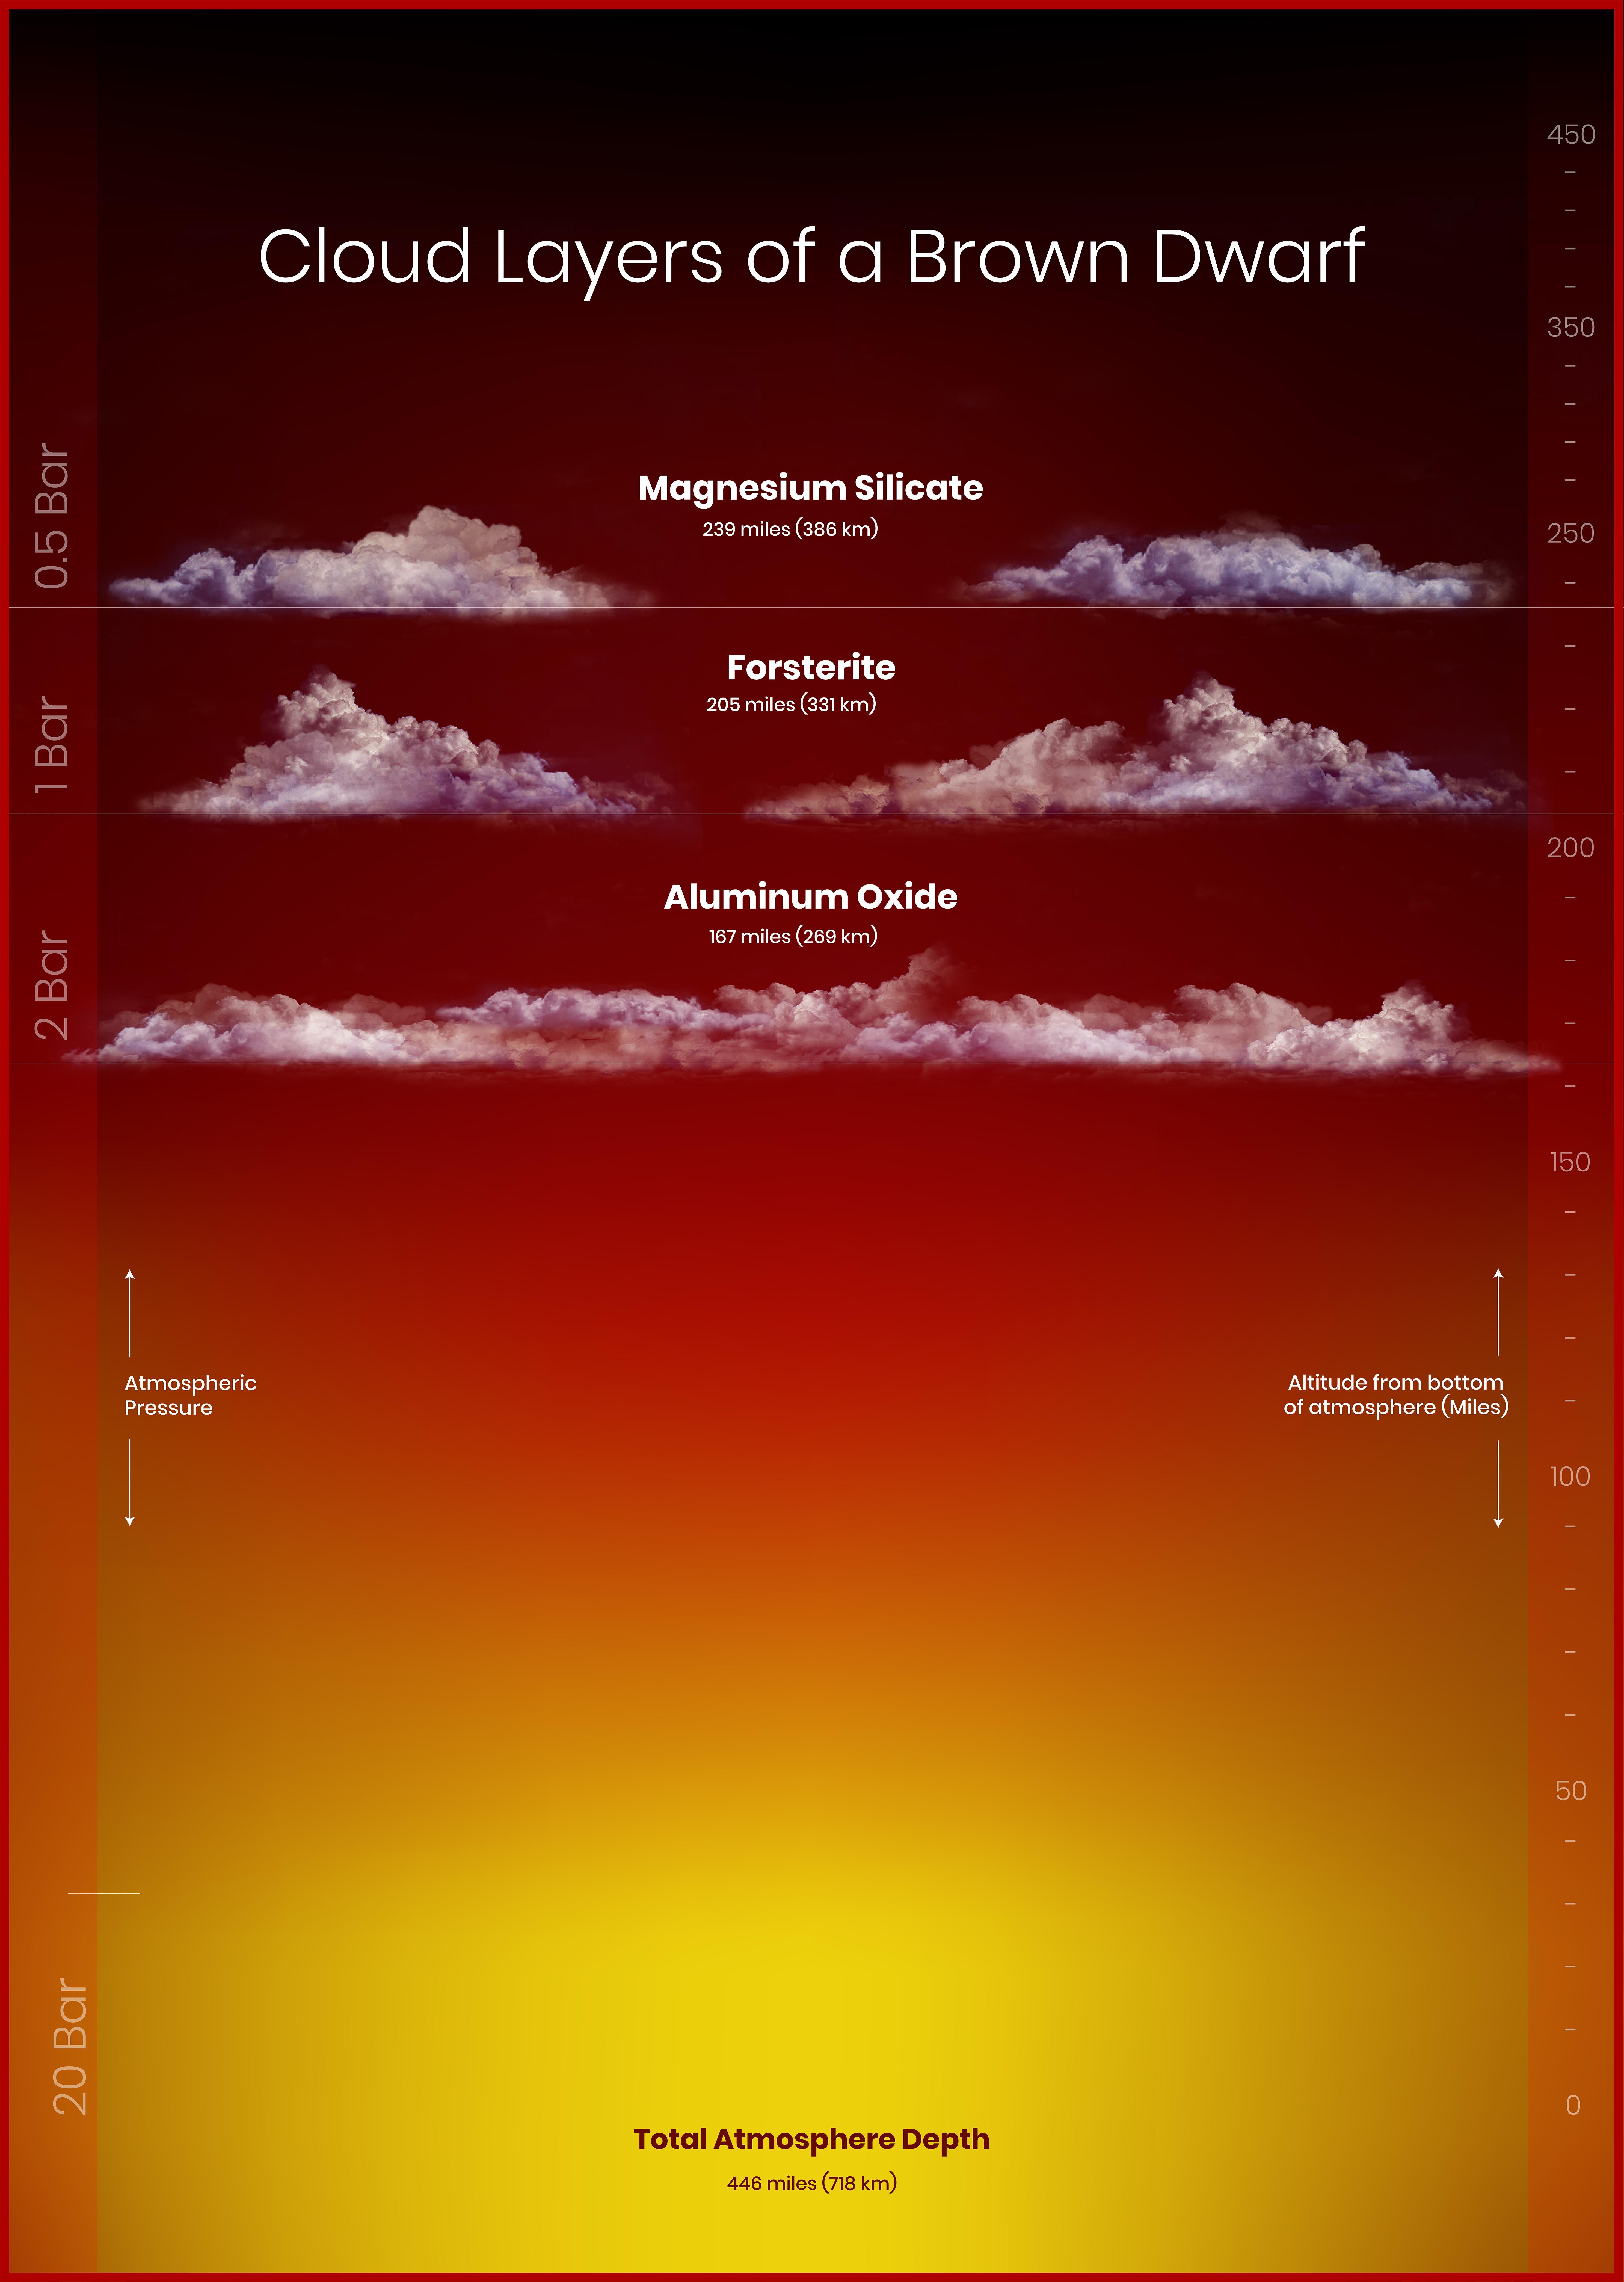 В атмосфере коричневого карлика обнаружили облака алюминия и силикатов